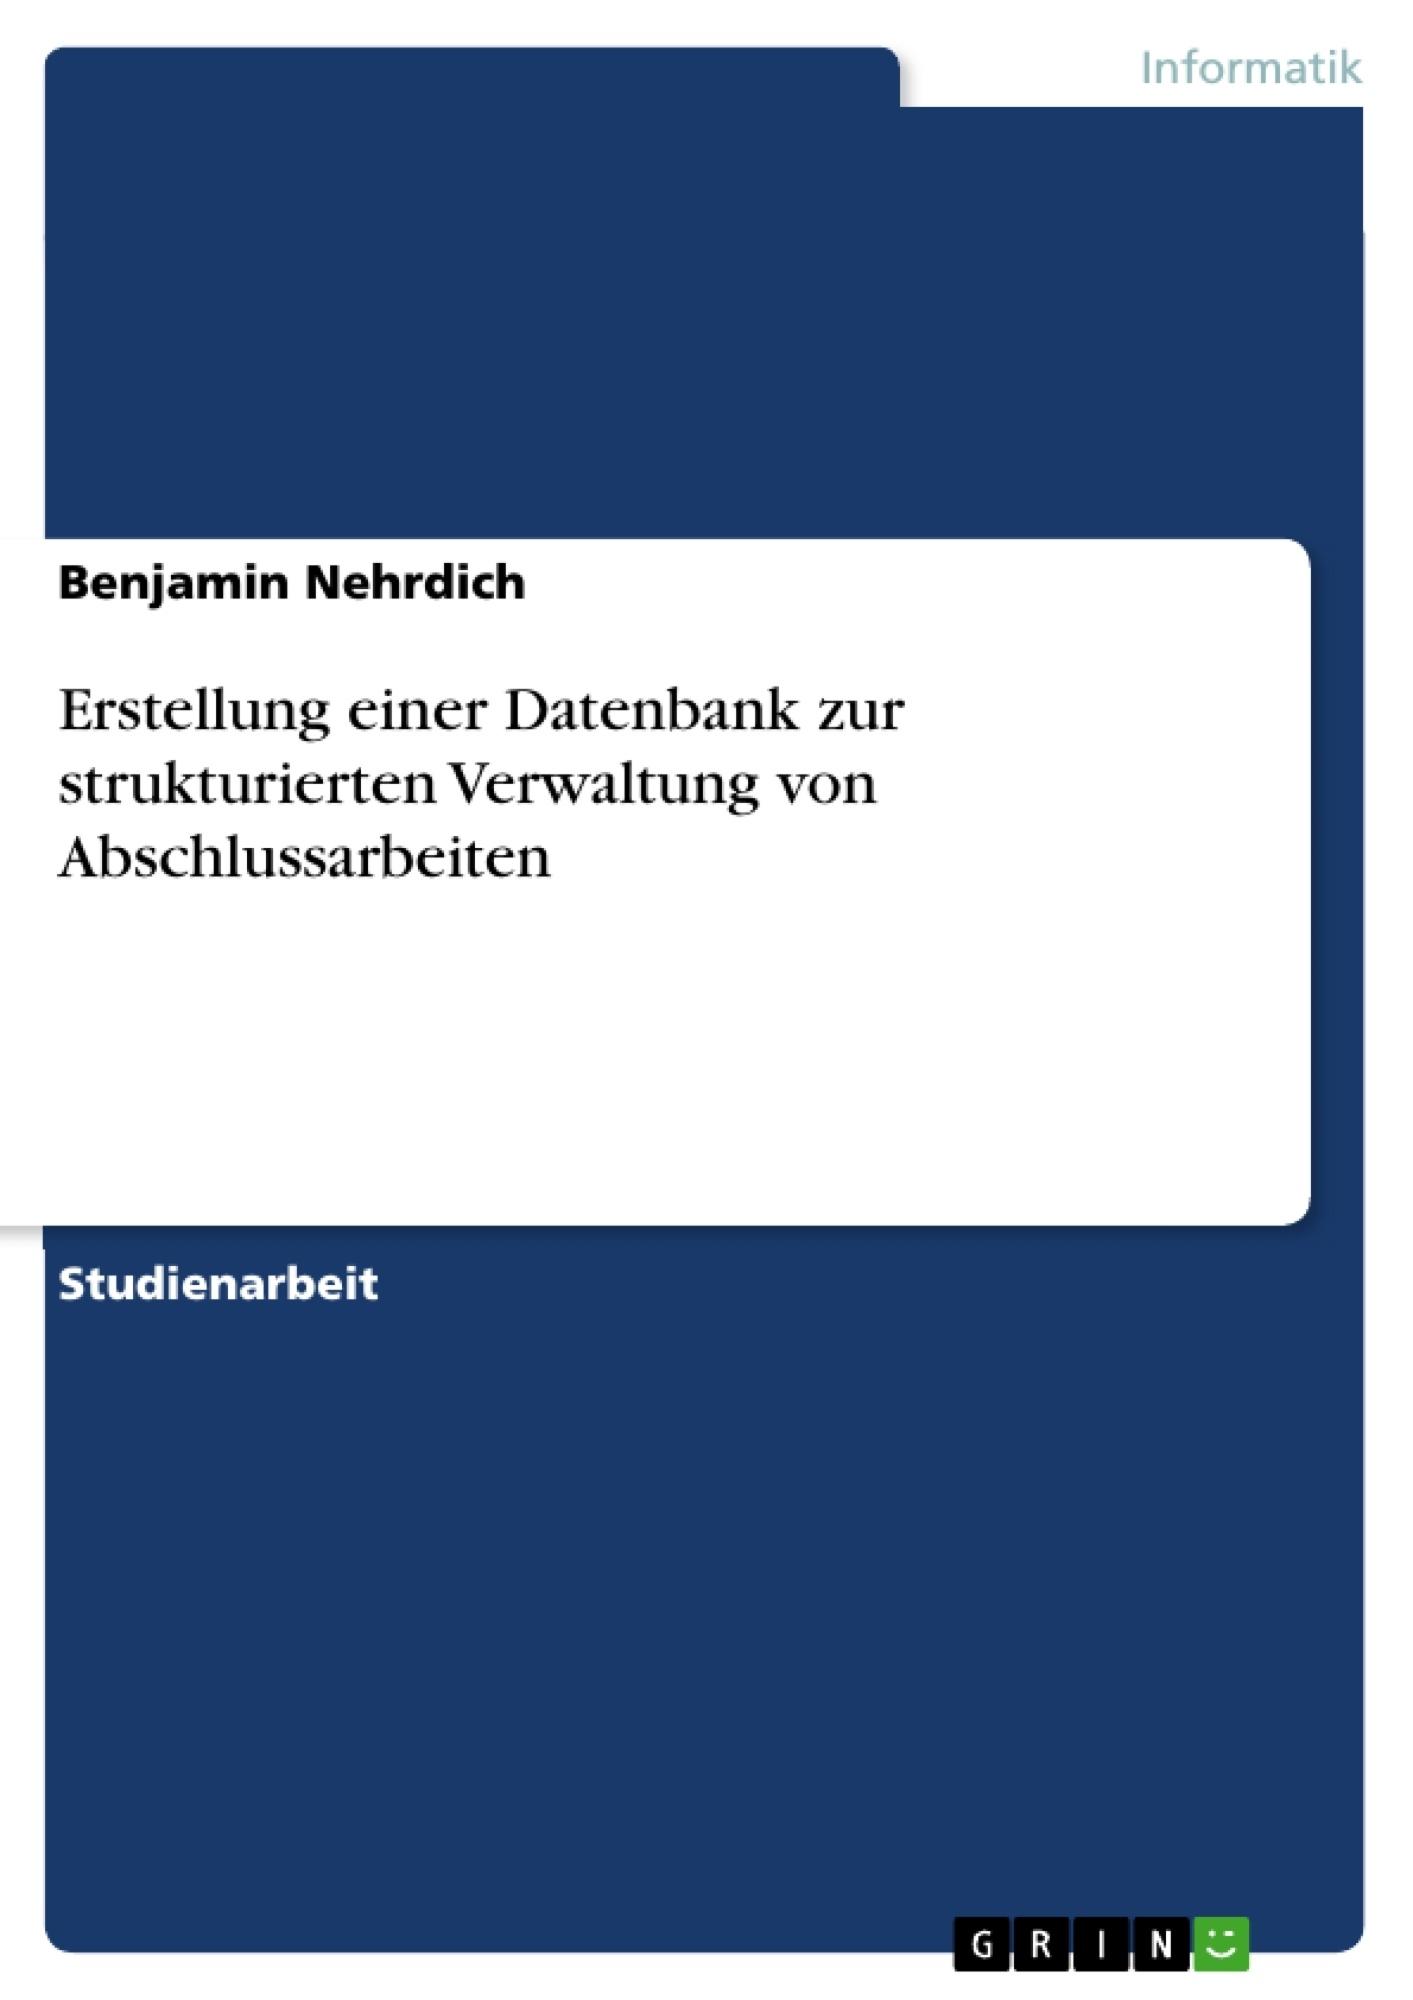 Titel: Erstellung einer Datenbank zur strukturierten Verwaltung von Abschlussarbeiten